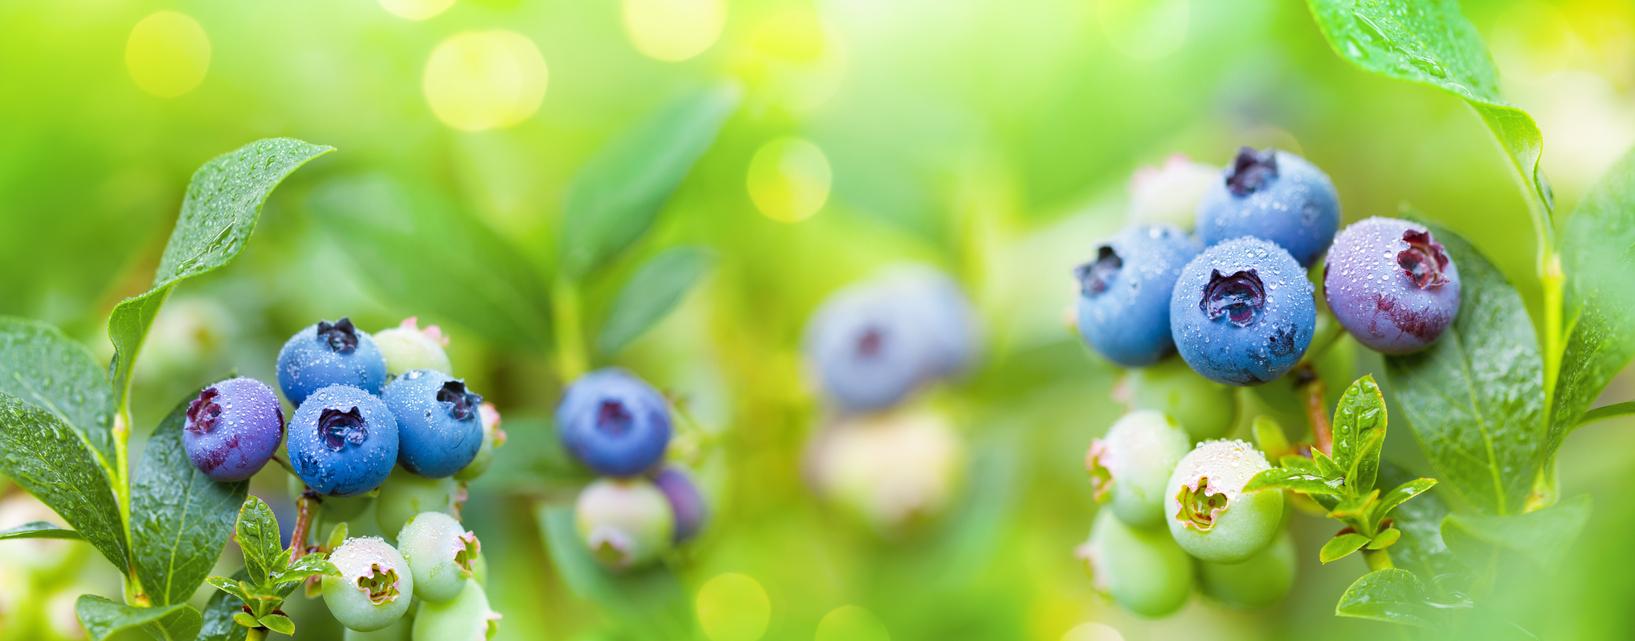 čučoriedky v záhrade